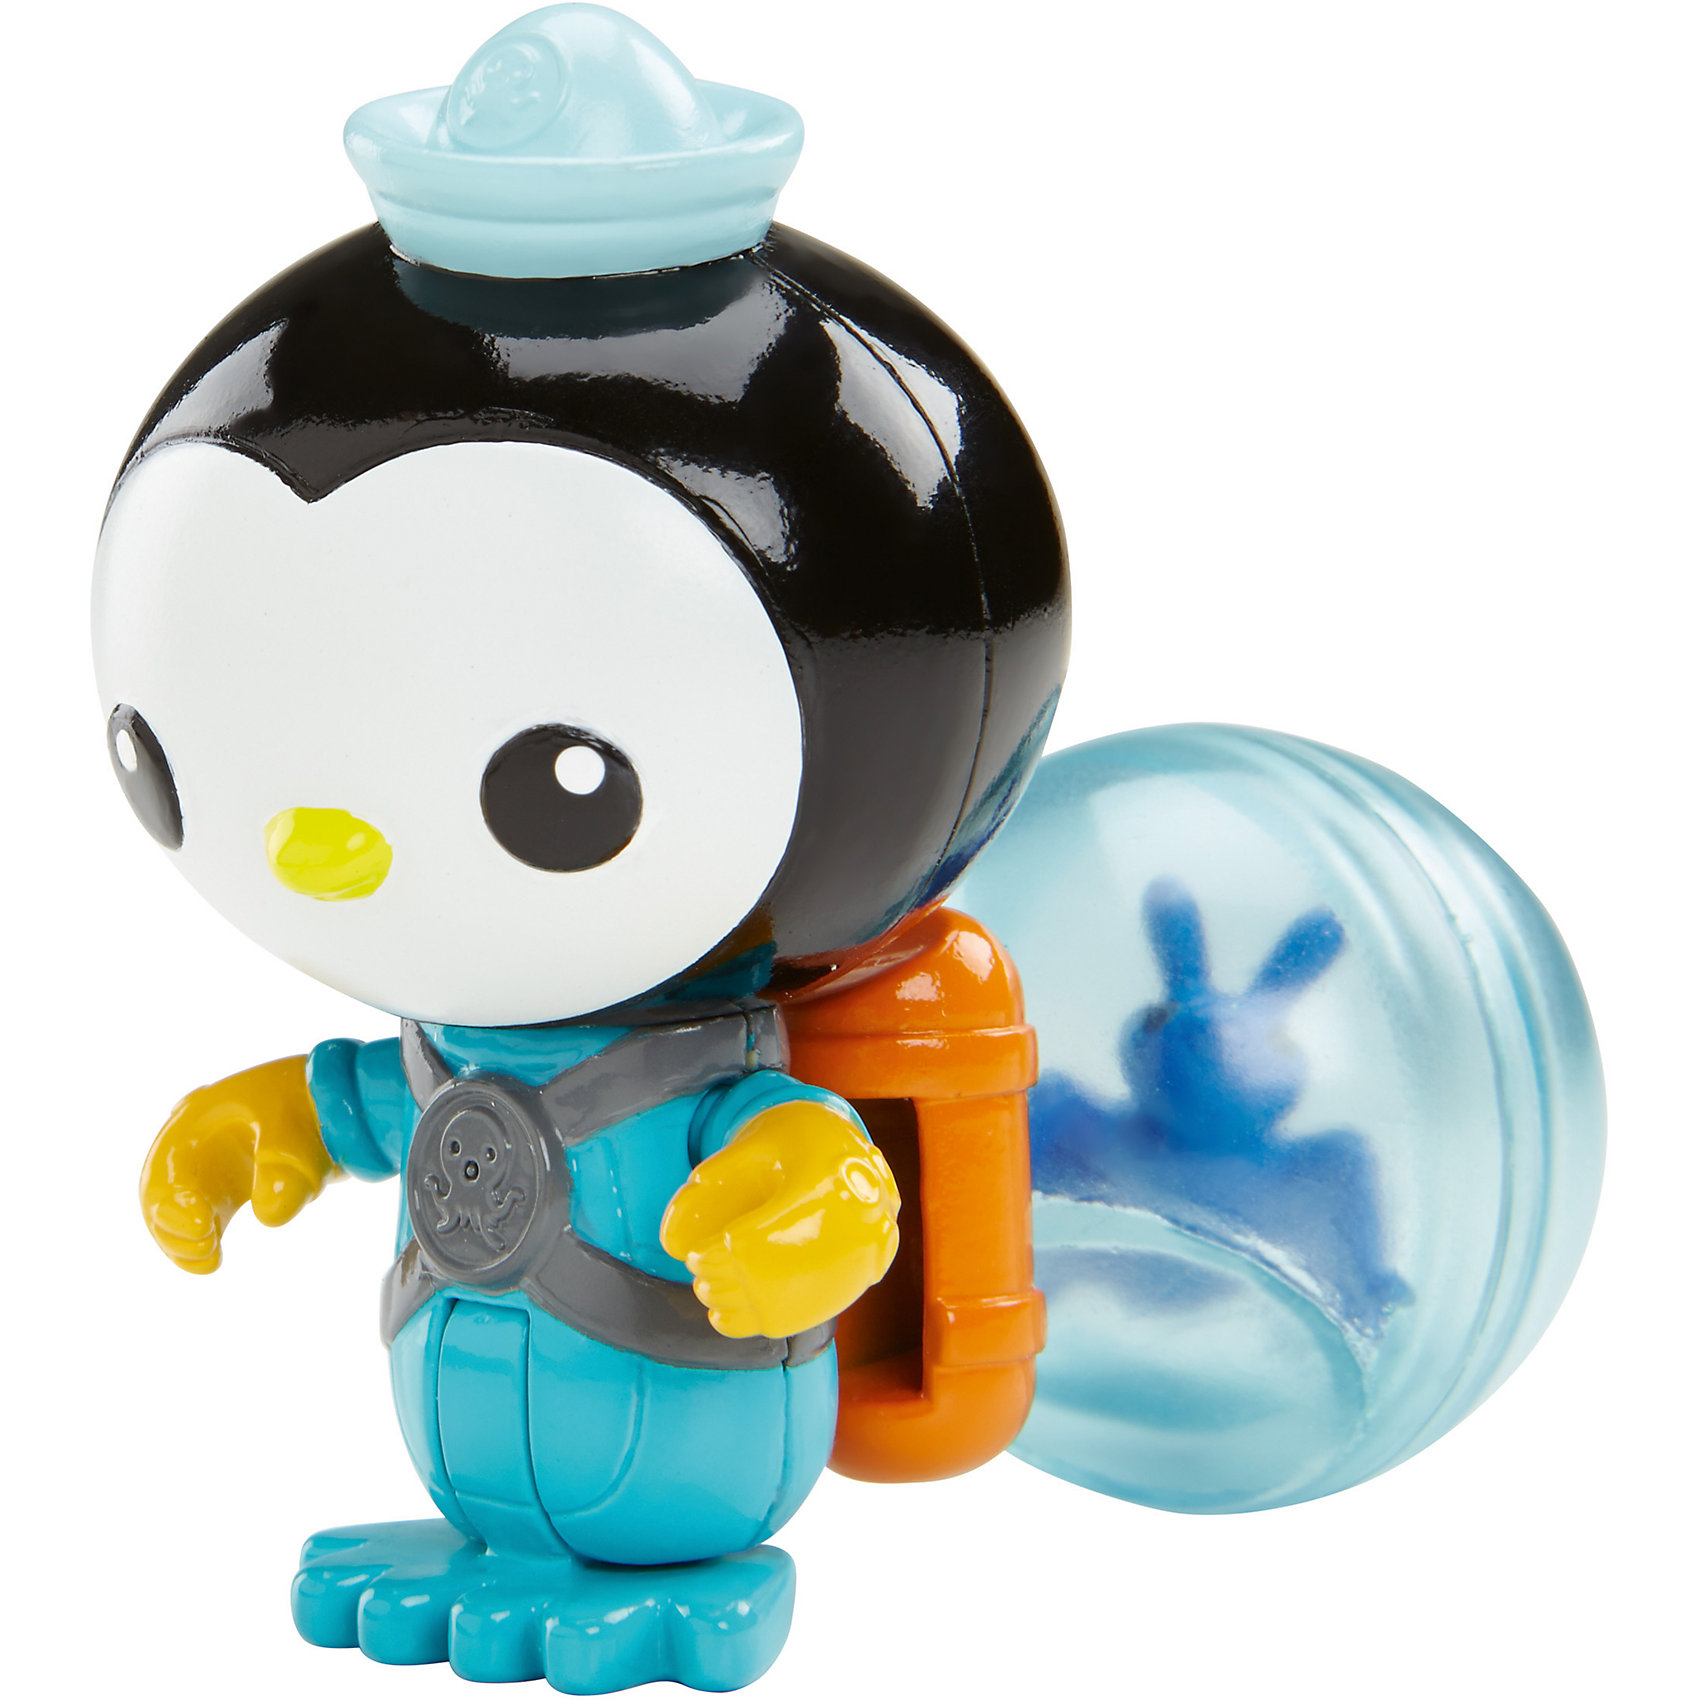 Mattel Базовая фигурка, Октонавты, Fisher Price